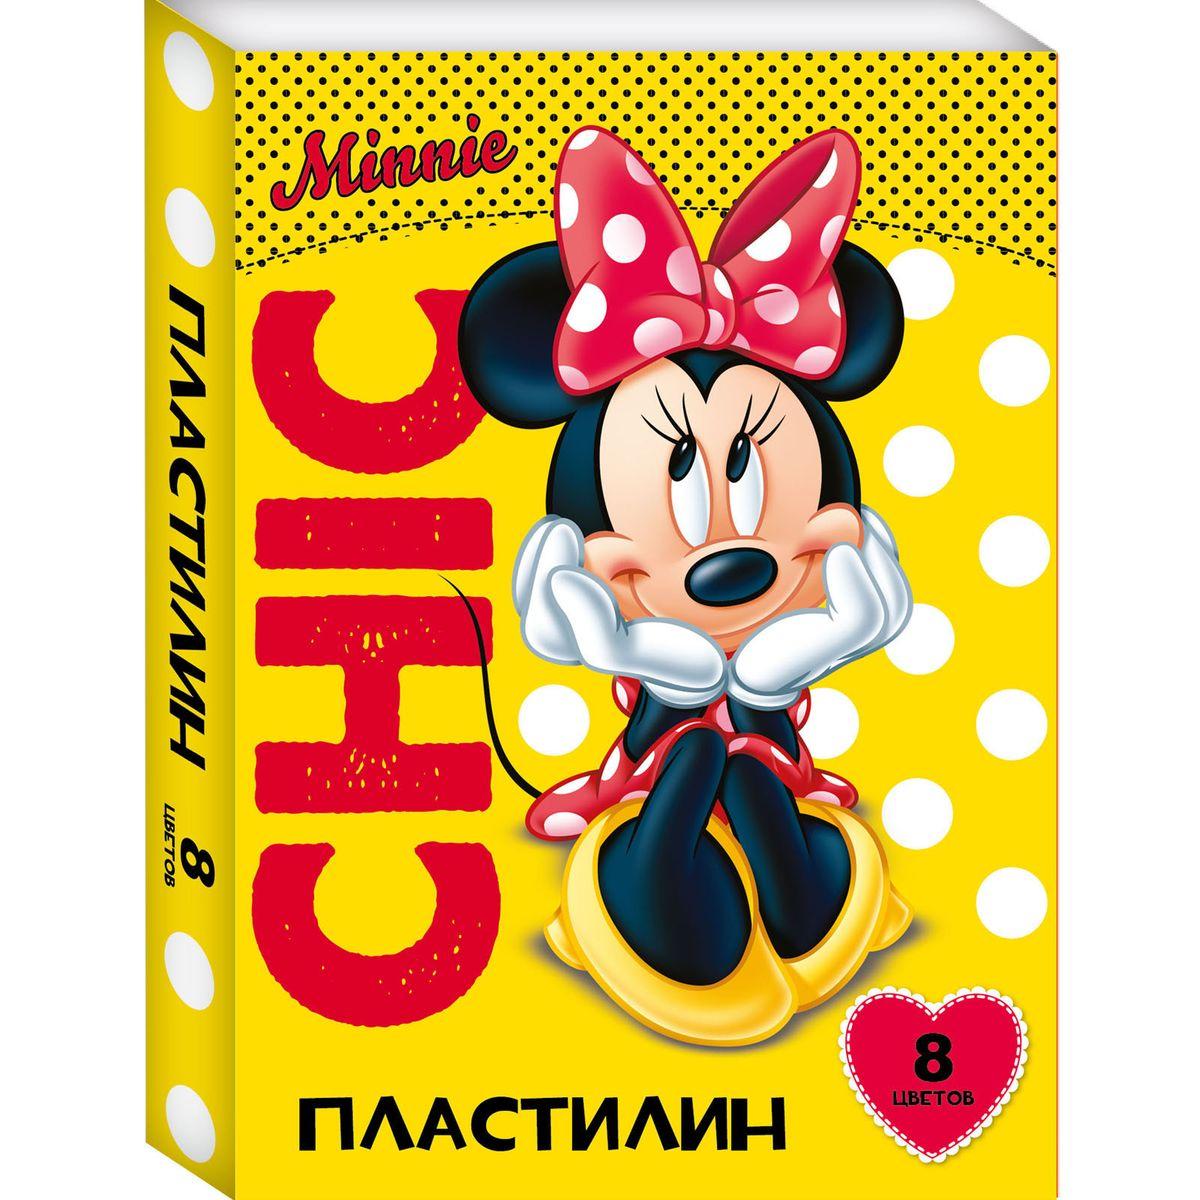 Disney Пластилин Минни 8 цветов72523WDЯркий и легко размягчающийся пластилин Disney Минни поможет вашему малышу создать множество интересных поделок, а очаровательная Минни Маус вдохновит кроху на новые творческие идеи. Лепить из этого пластилина - одно удовольствие: он обладает отличными пластичными свойствами, не липнет к рукам, не имеет запаха, безопасен при использовании по назначению. Смешивайте цвета, фантазируйте, экспериментируйте и развивайте своего малыша: лепка активно тренирует у ребенка мелкую моторику и умение работать пальчиками, развивает тактильное восприятие формы, веса и фактуры, совершенствует воображение и пространственное мышление. А главное - лепить фигурки в компании любимой героини невероятно весело! В наборе 12 цветов пластилина, которые легко смешиваются друг с другом. Состав: парафин, петролатум, мел, каолин, красители.